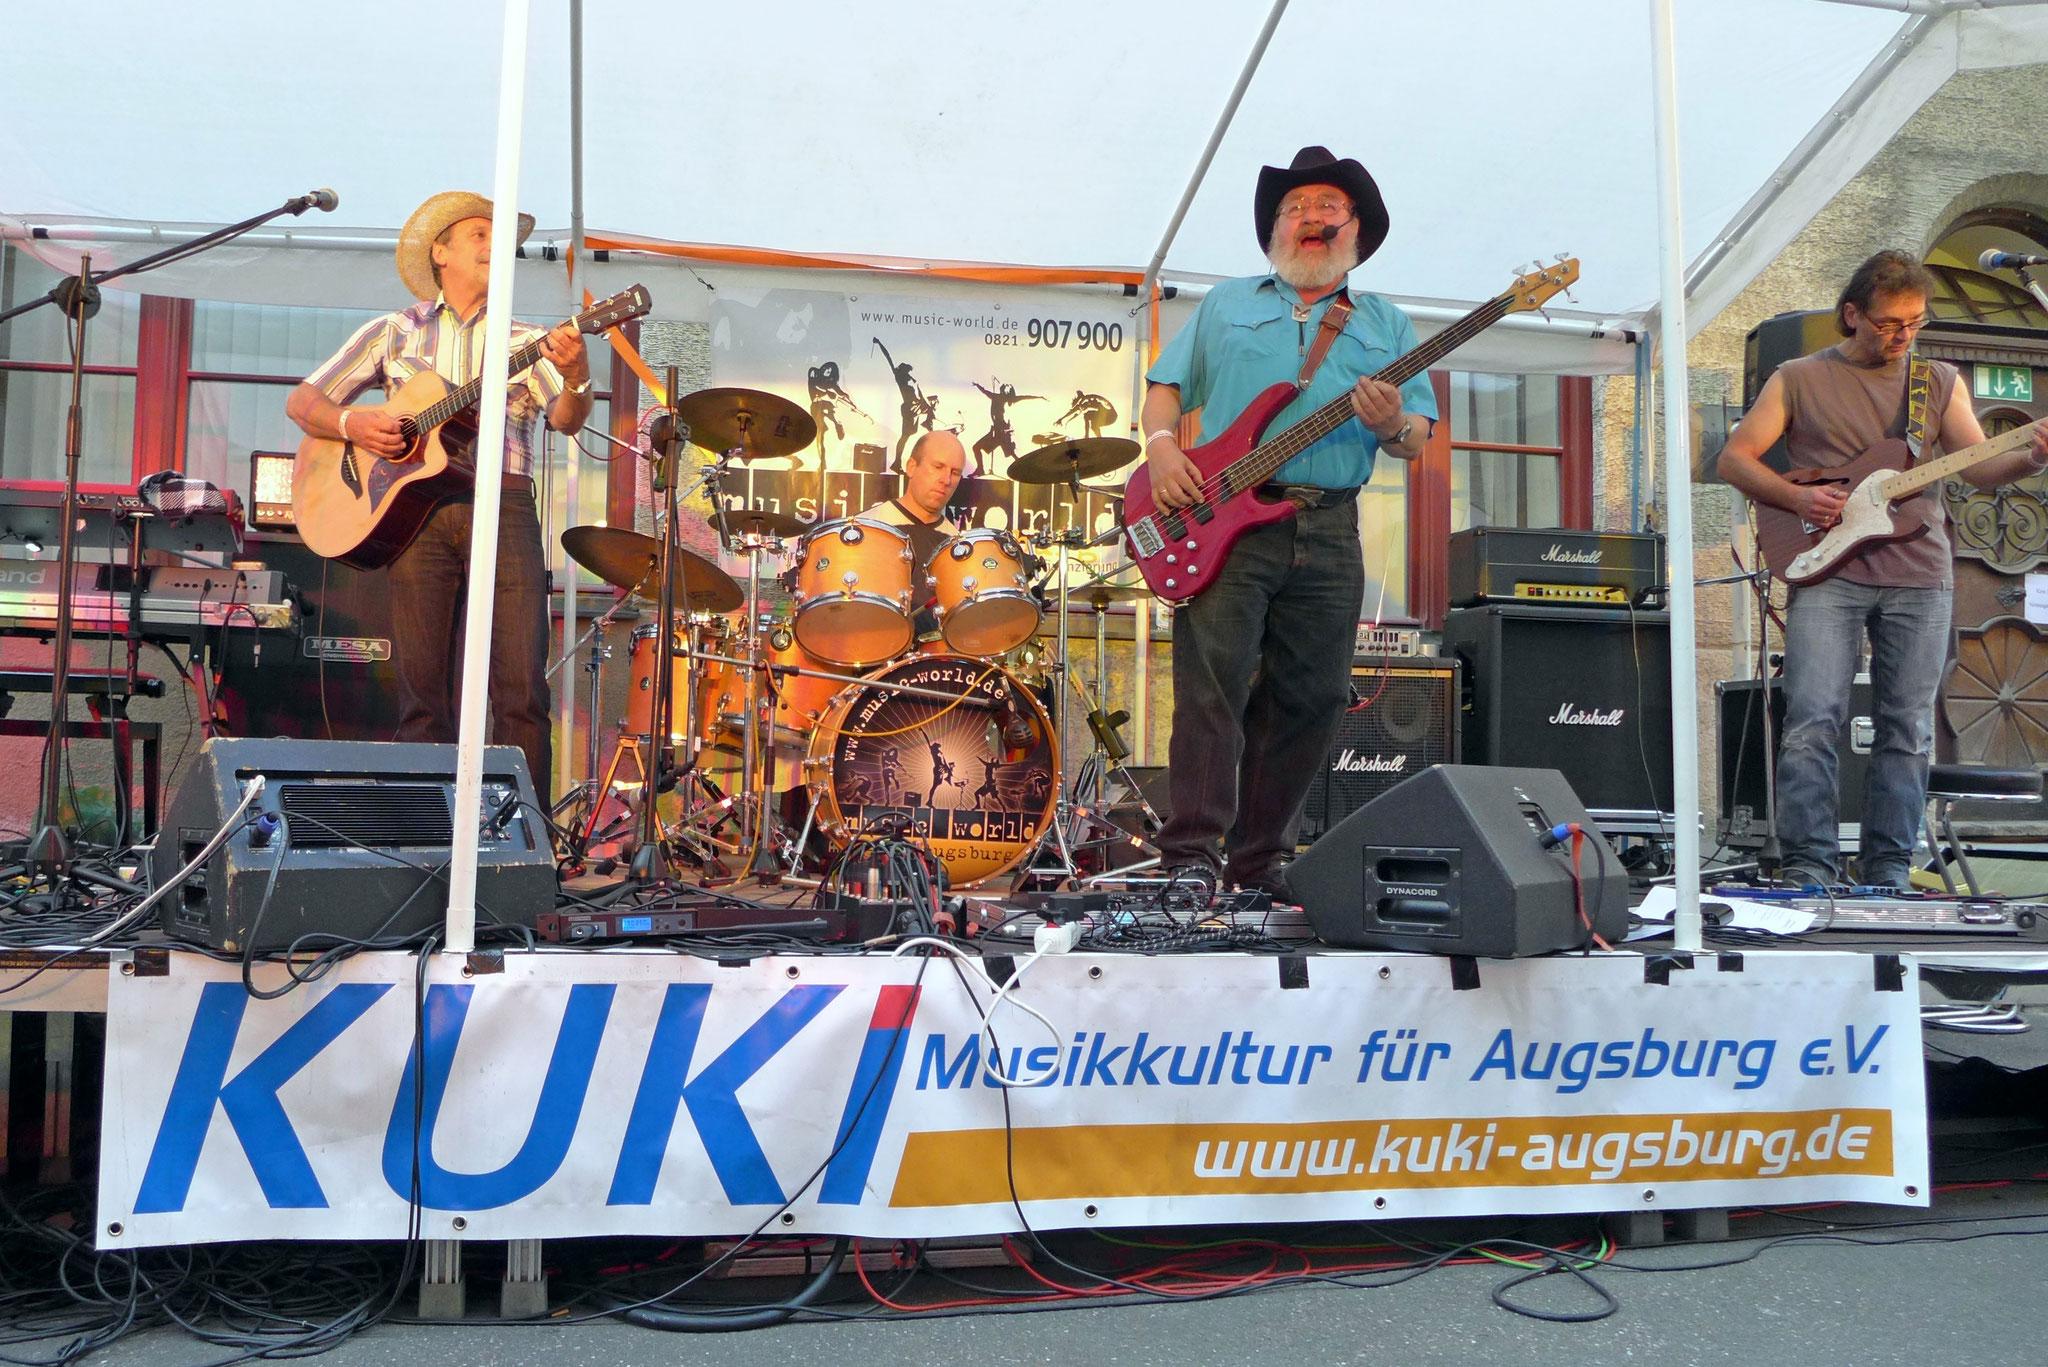 Konzerte im Bürgerhof 03.07.15 Pick up Ramblers - Freiwilligen-Zentrum Augsburg - Foto: Christoph Urban